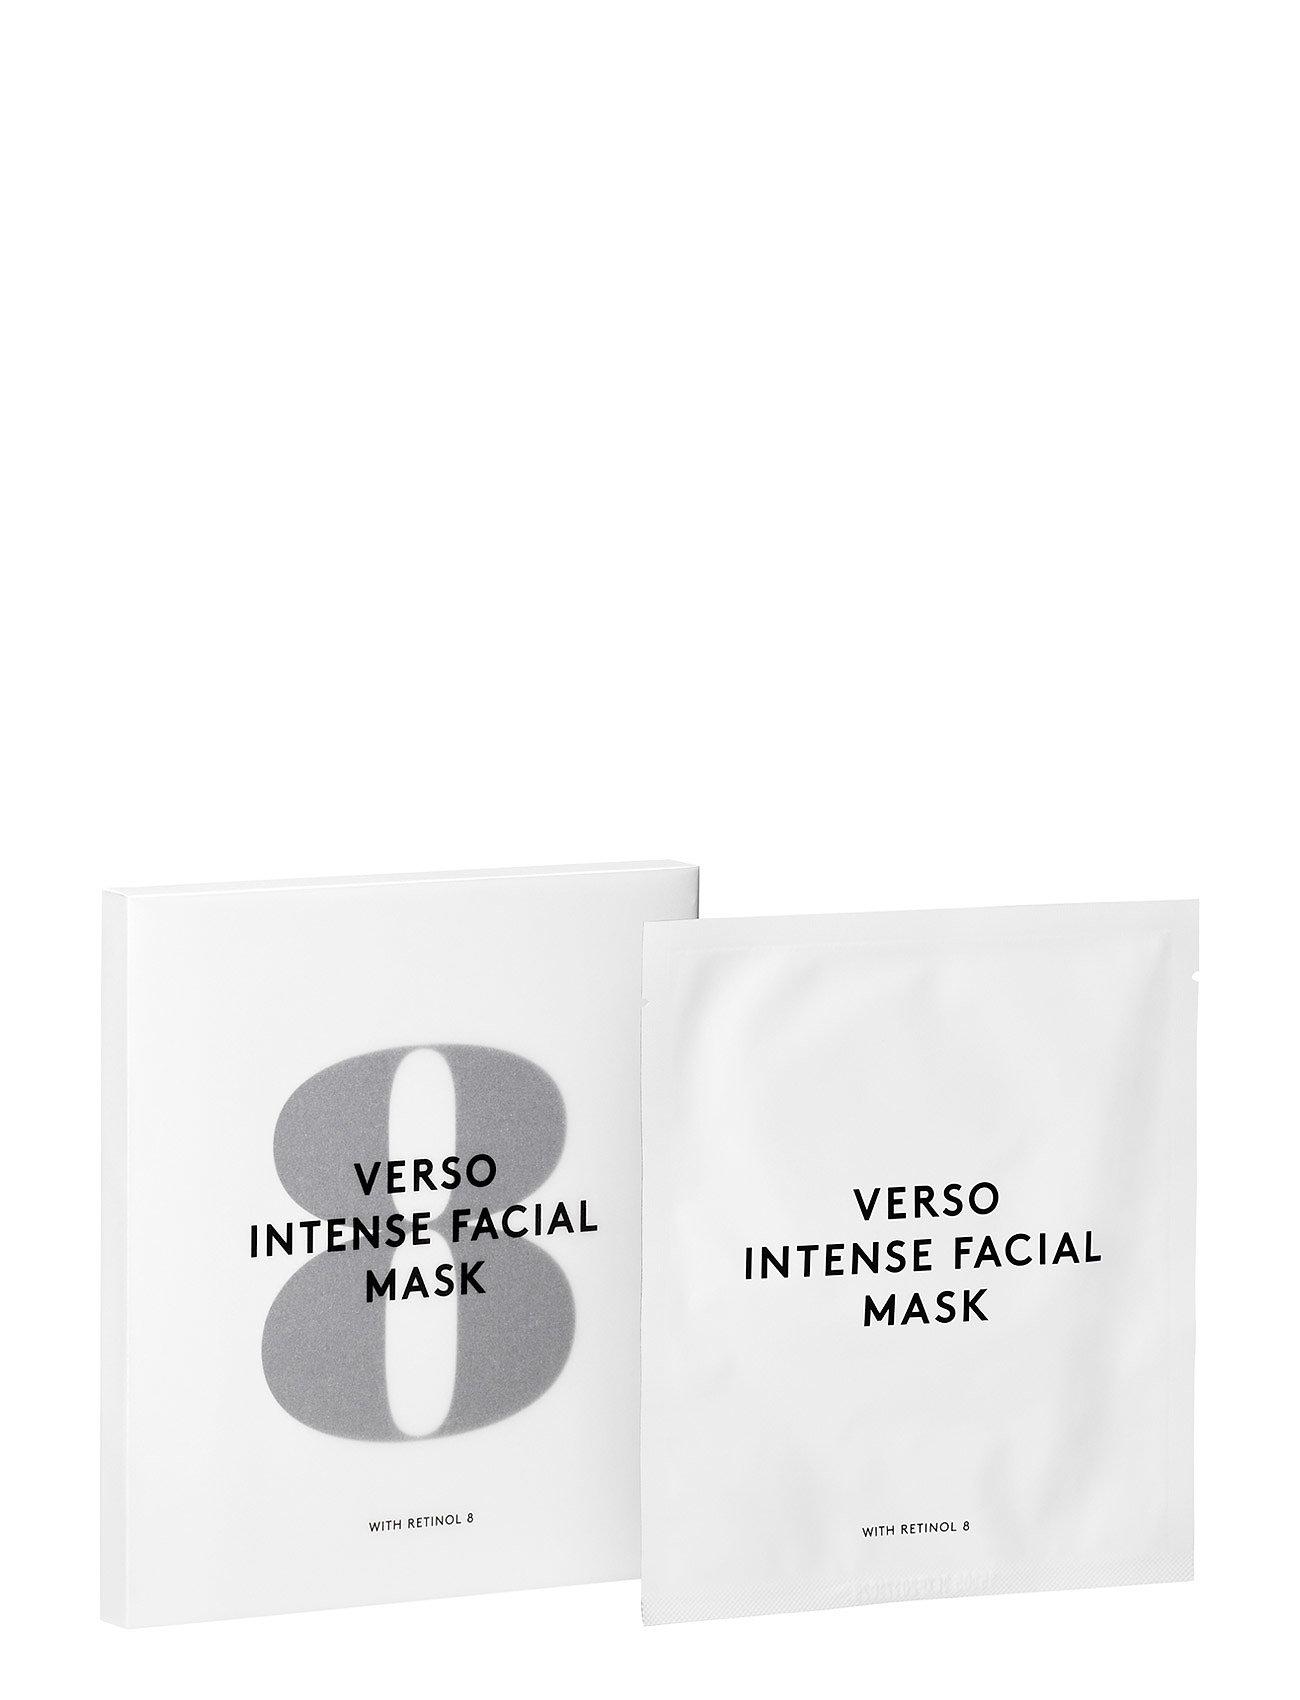 No 8 - intense facial mask fra verso på boozt.com dk